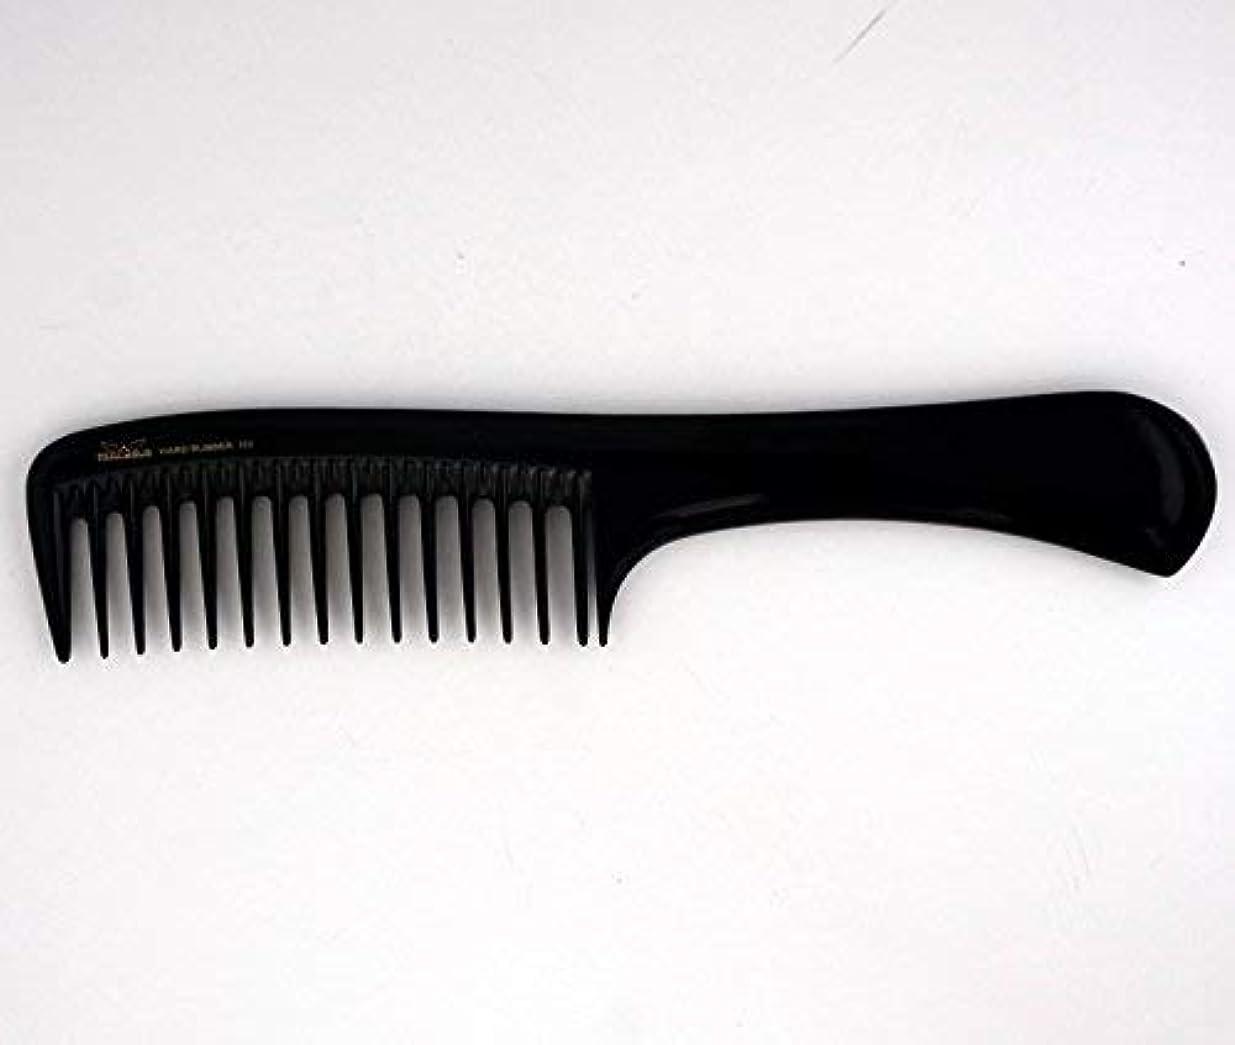 隣接する感謝座標9in, Hard Rubber, Wide Tooth Handle Comb [並行輸入品]